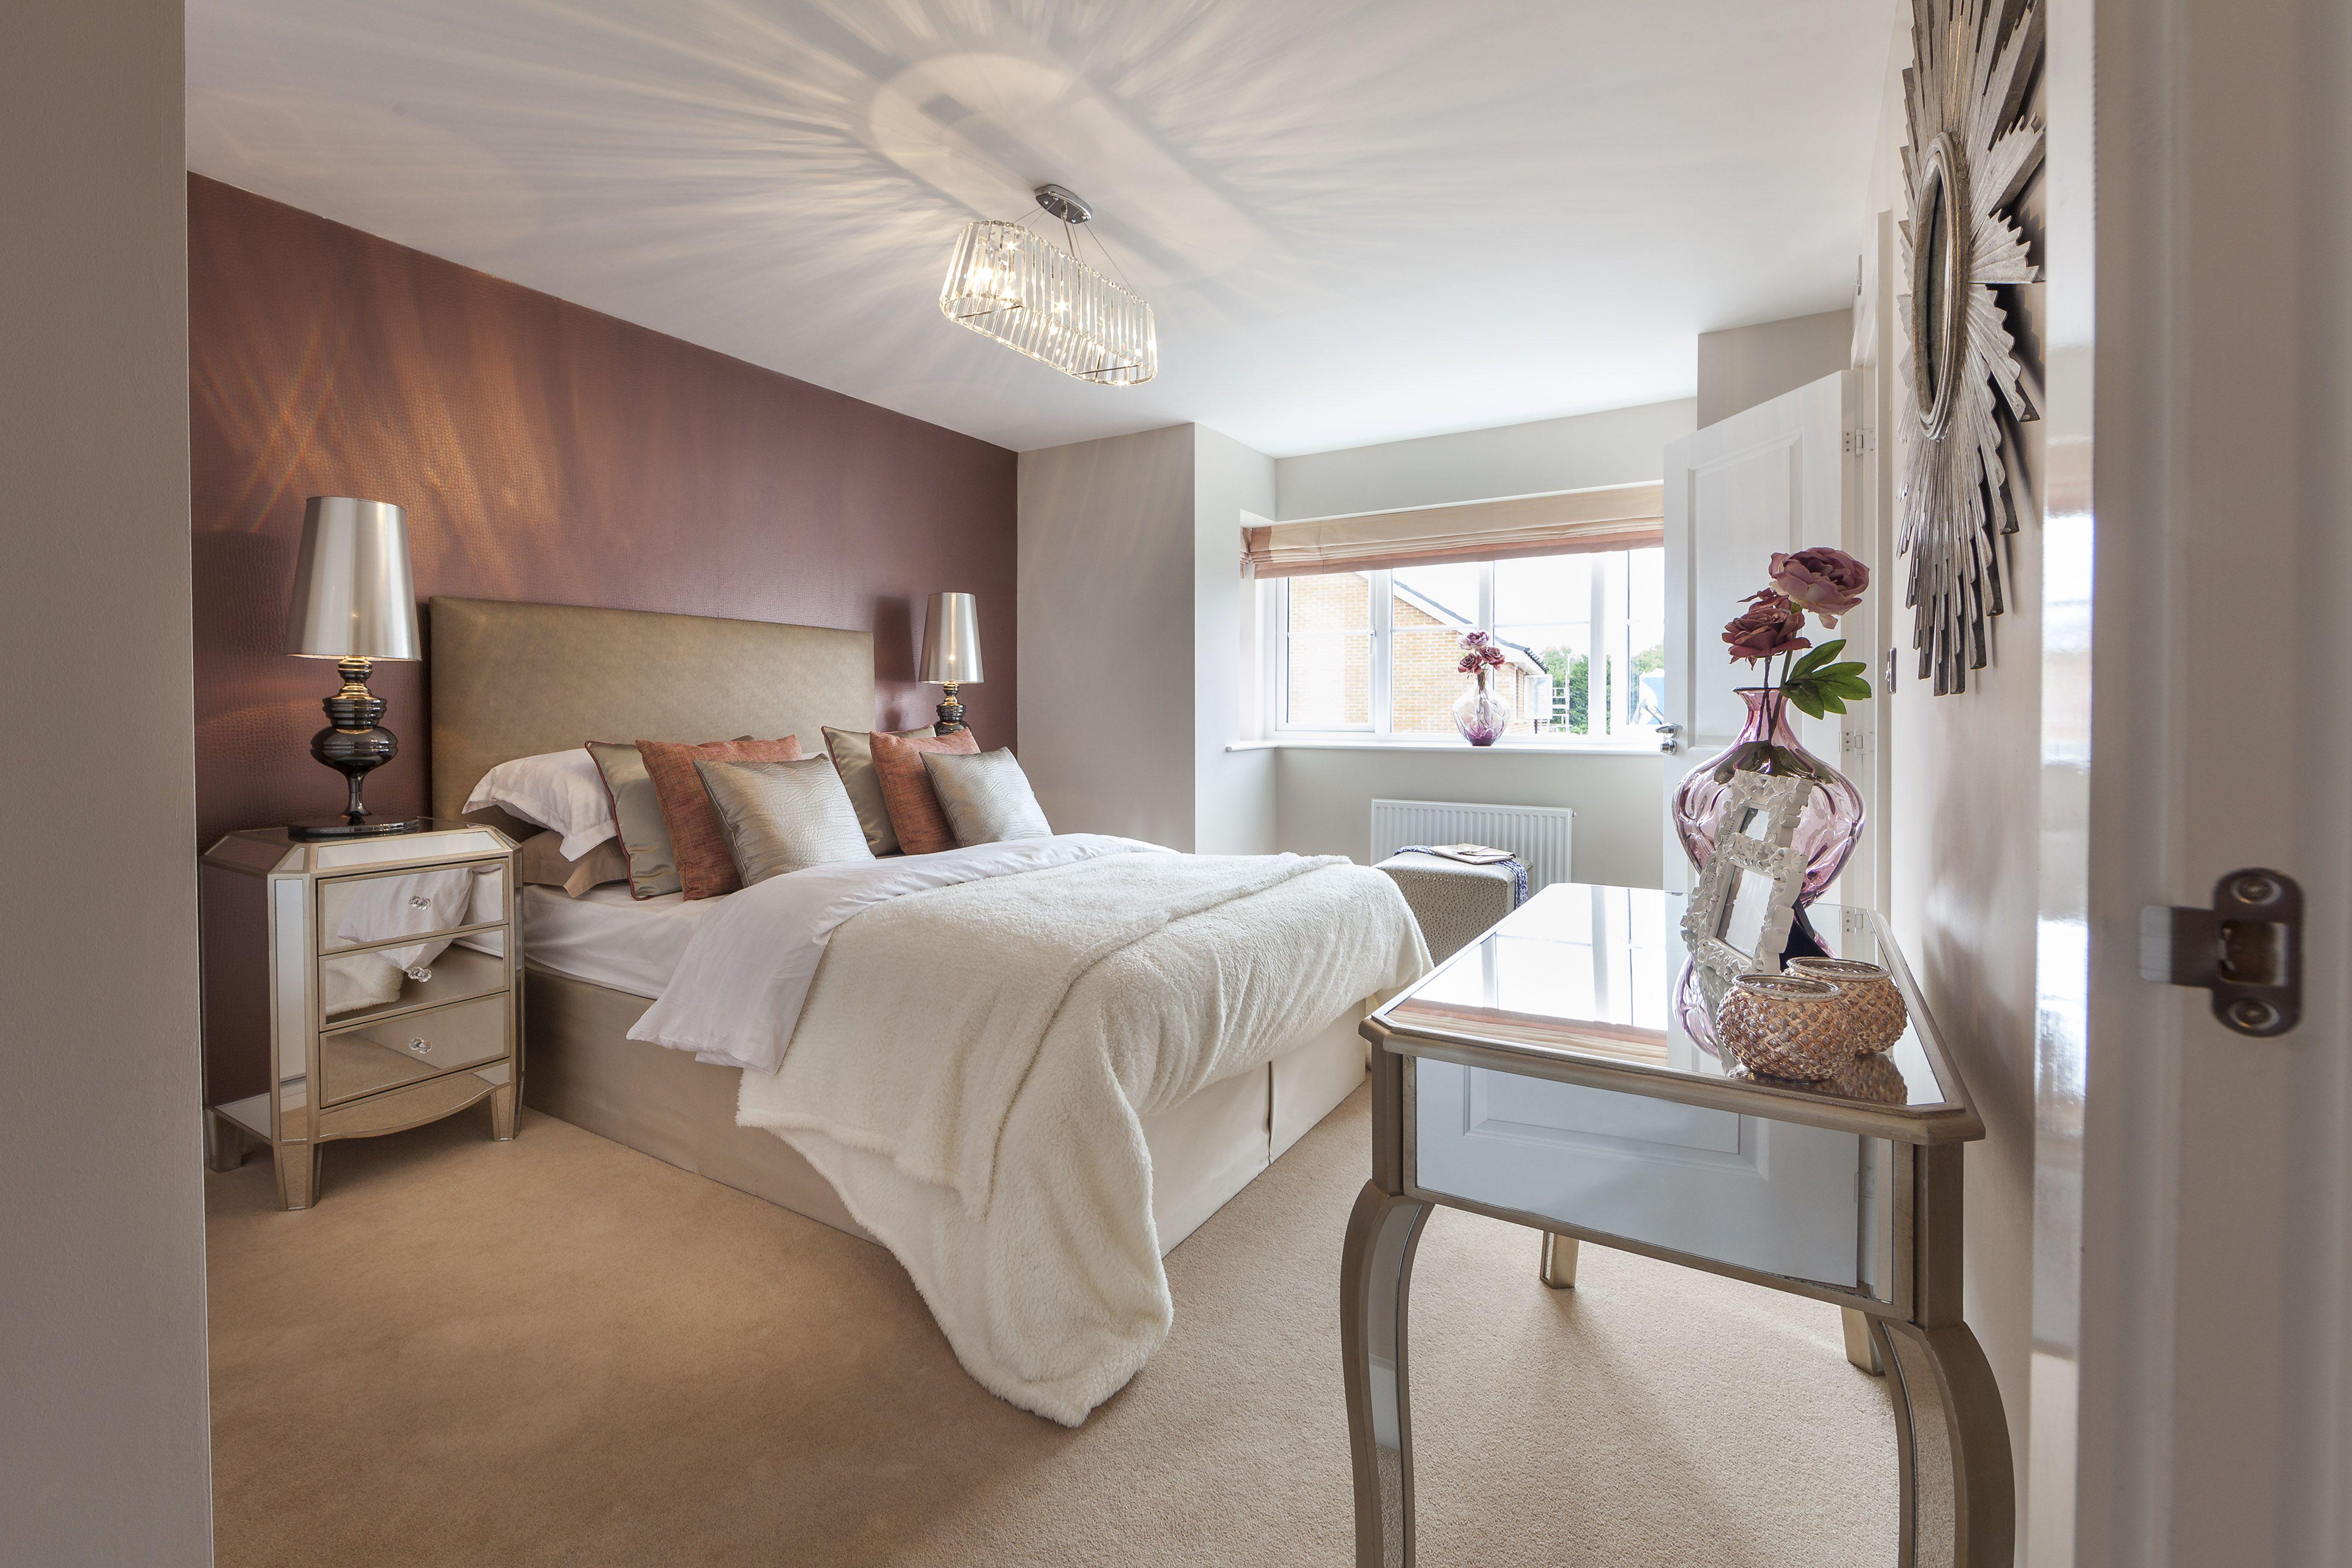 Simple bedroom design rich tones